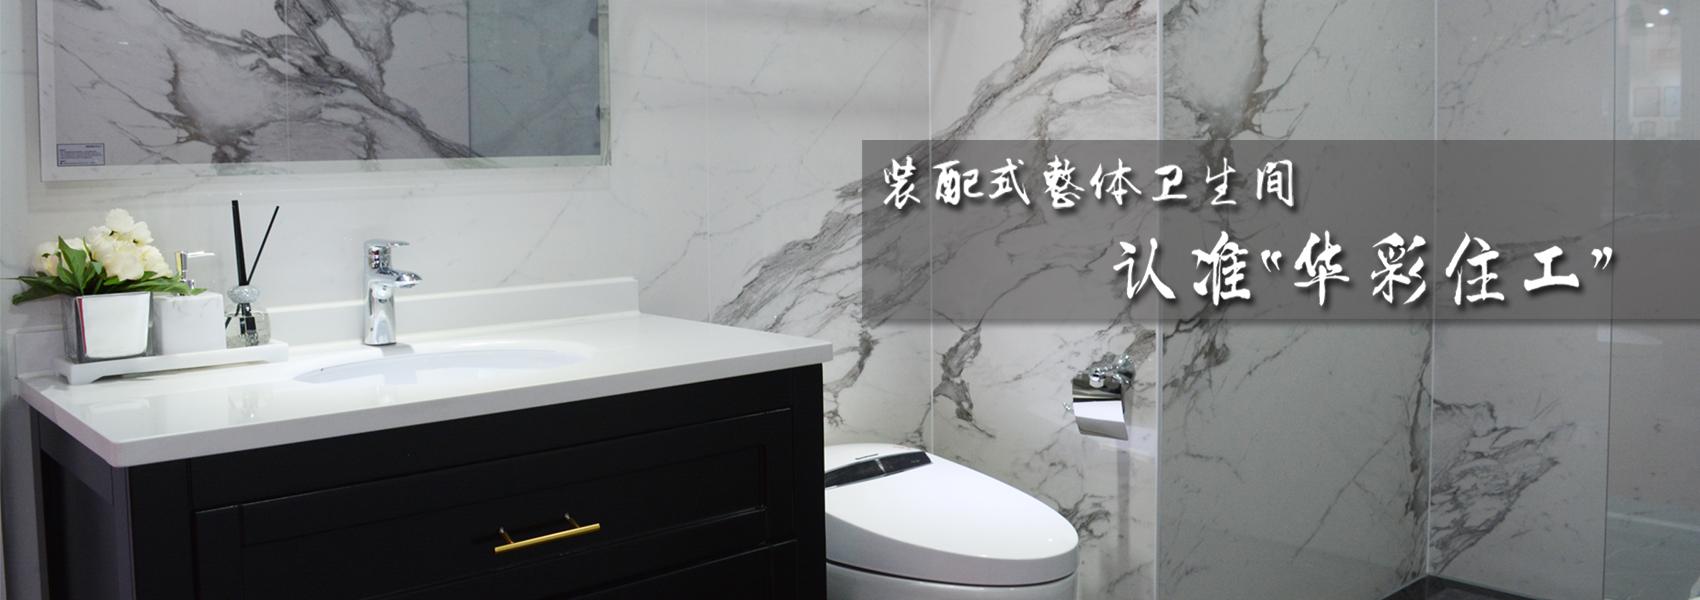 公寓宿舍整体浴室效果图